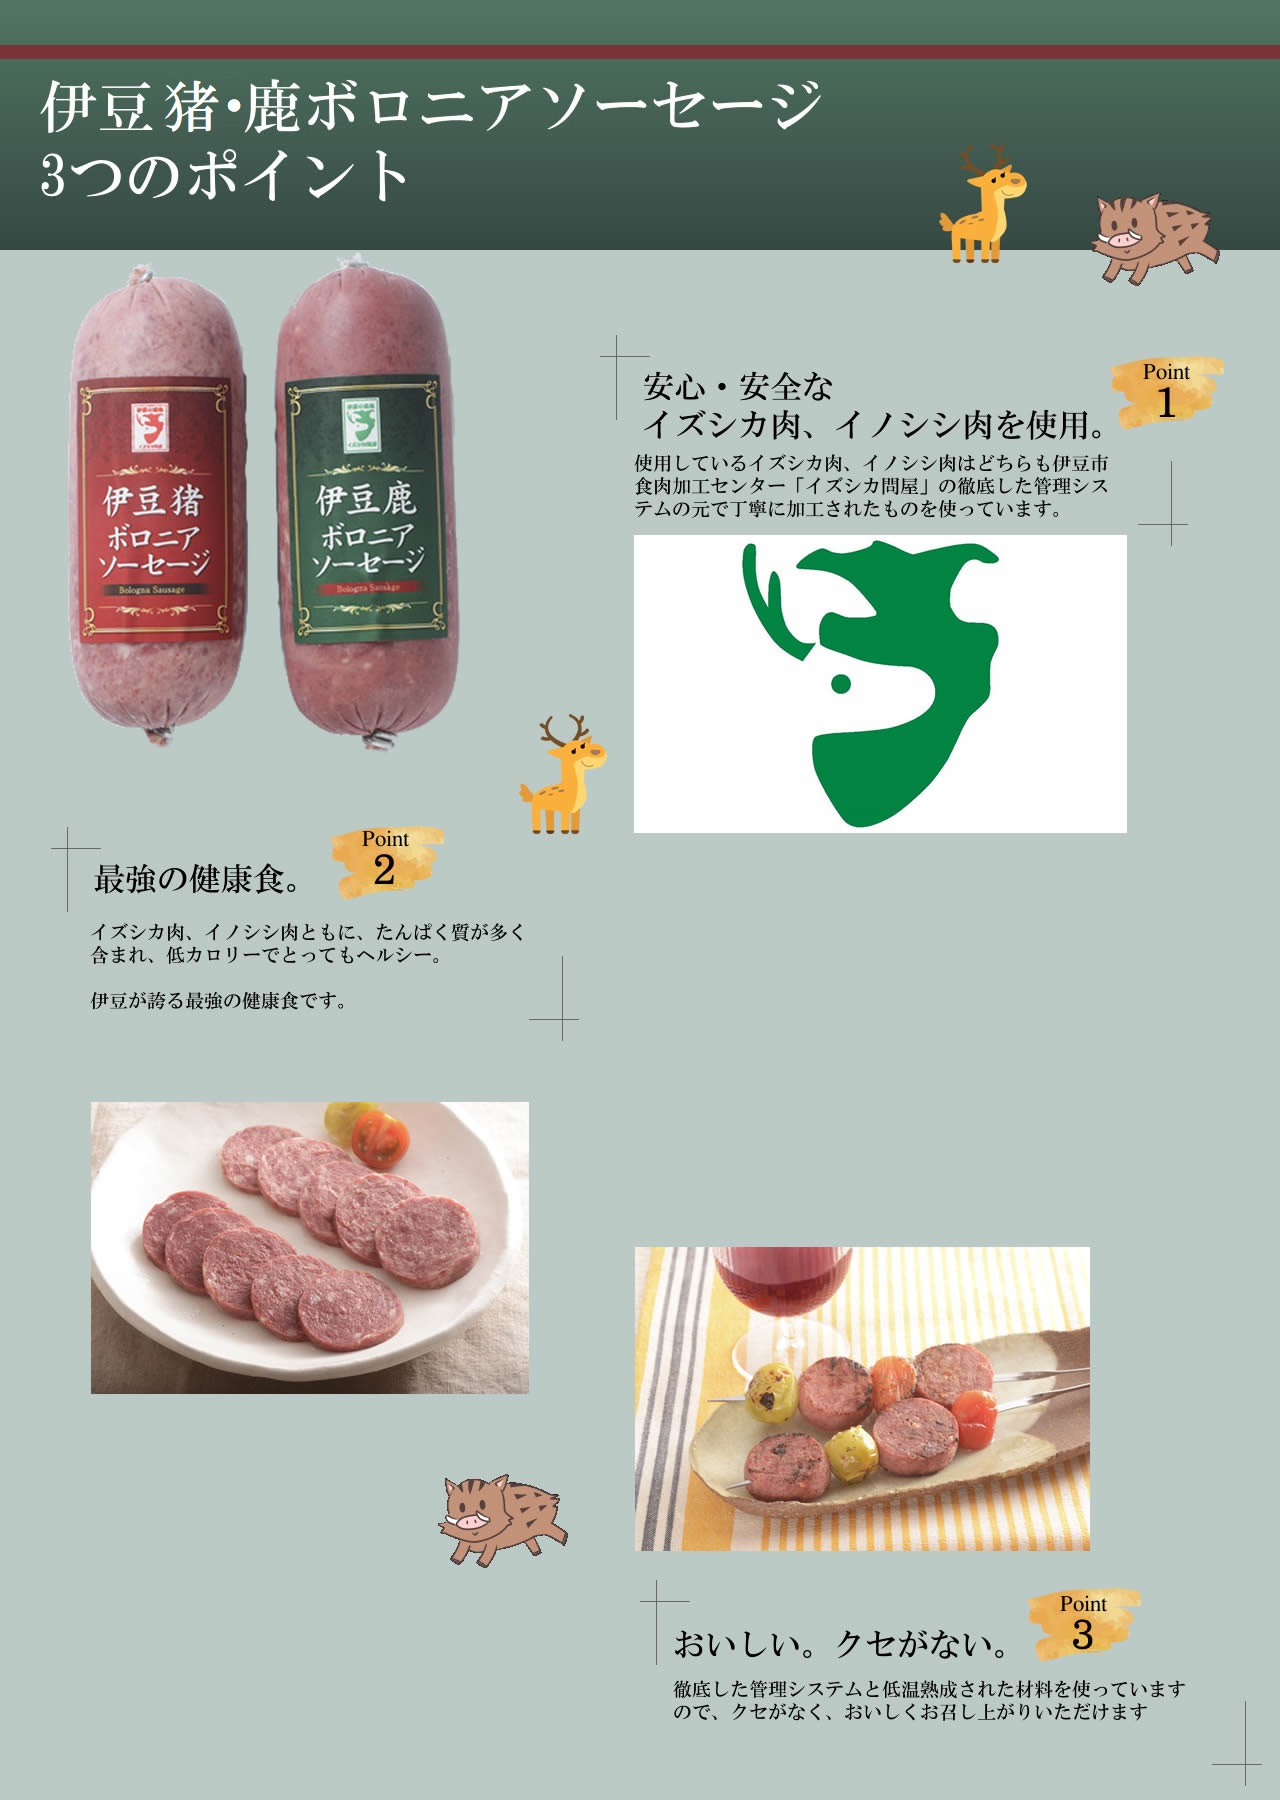 1.安心・安全なイズシカ肉、イノシシ肉を使用。